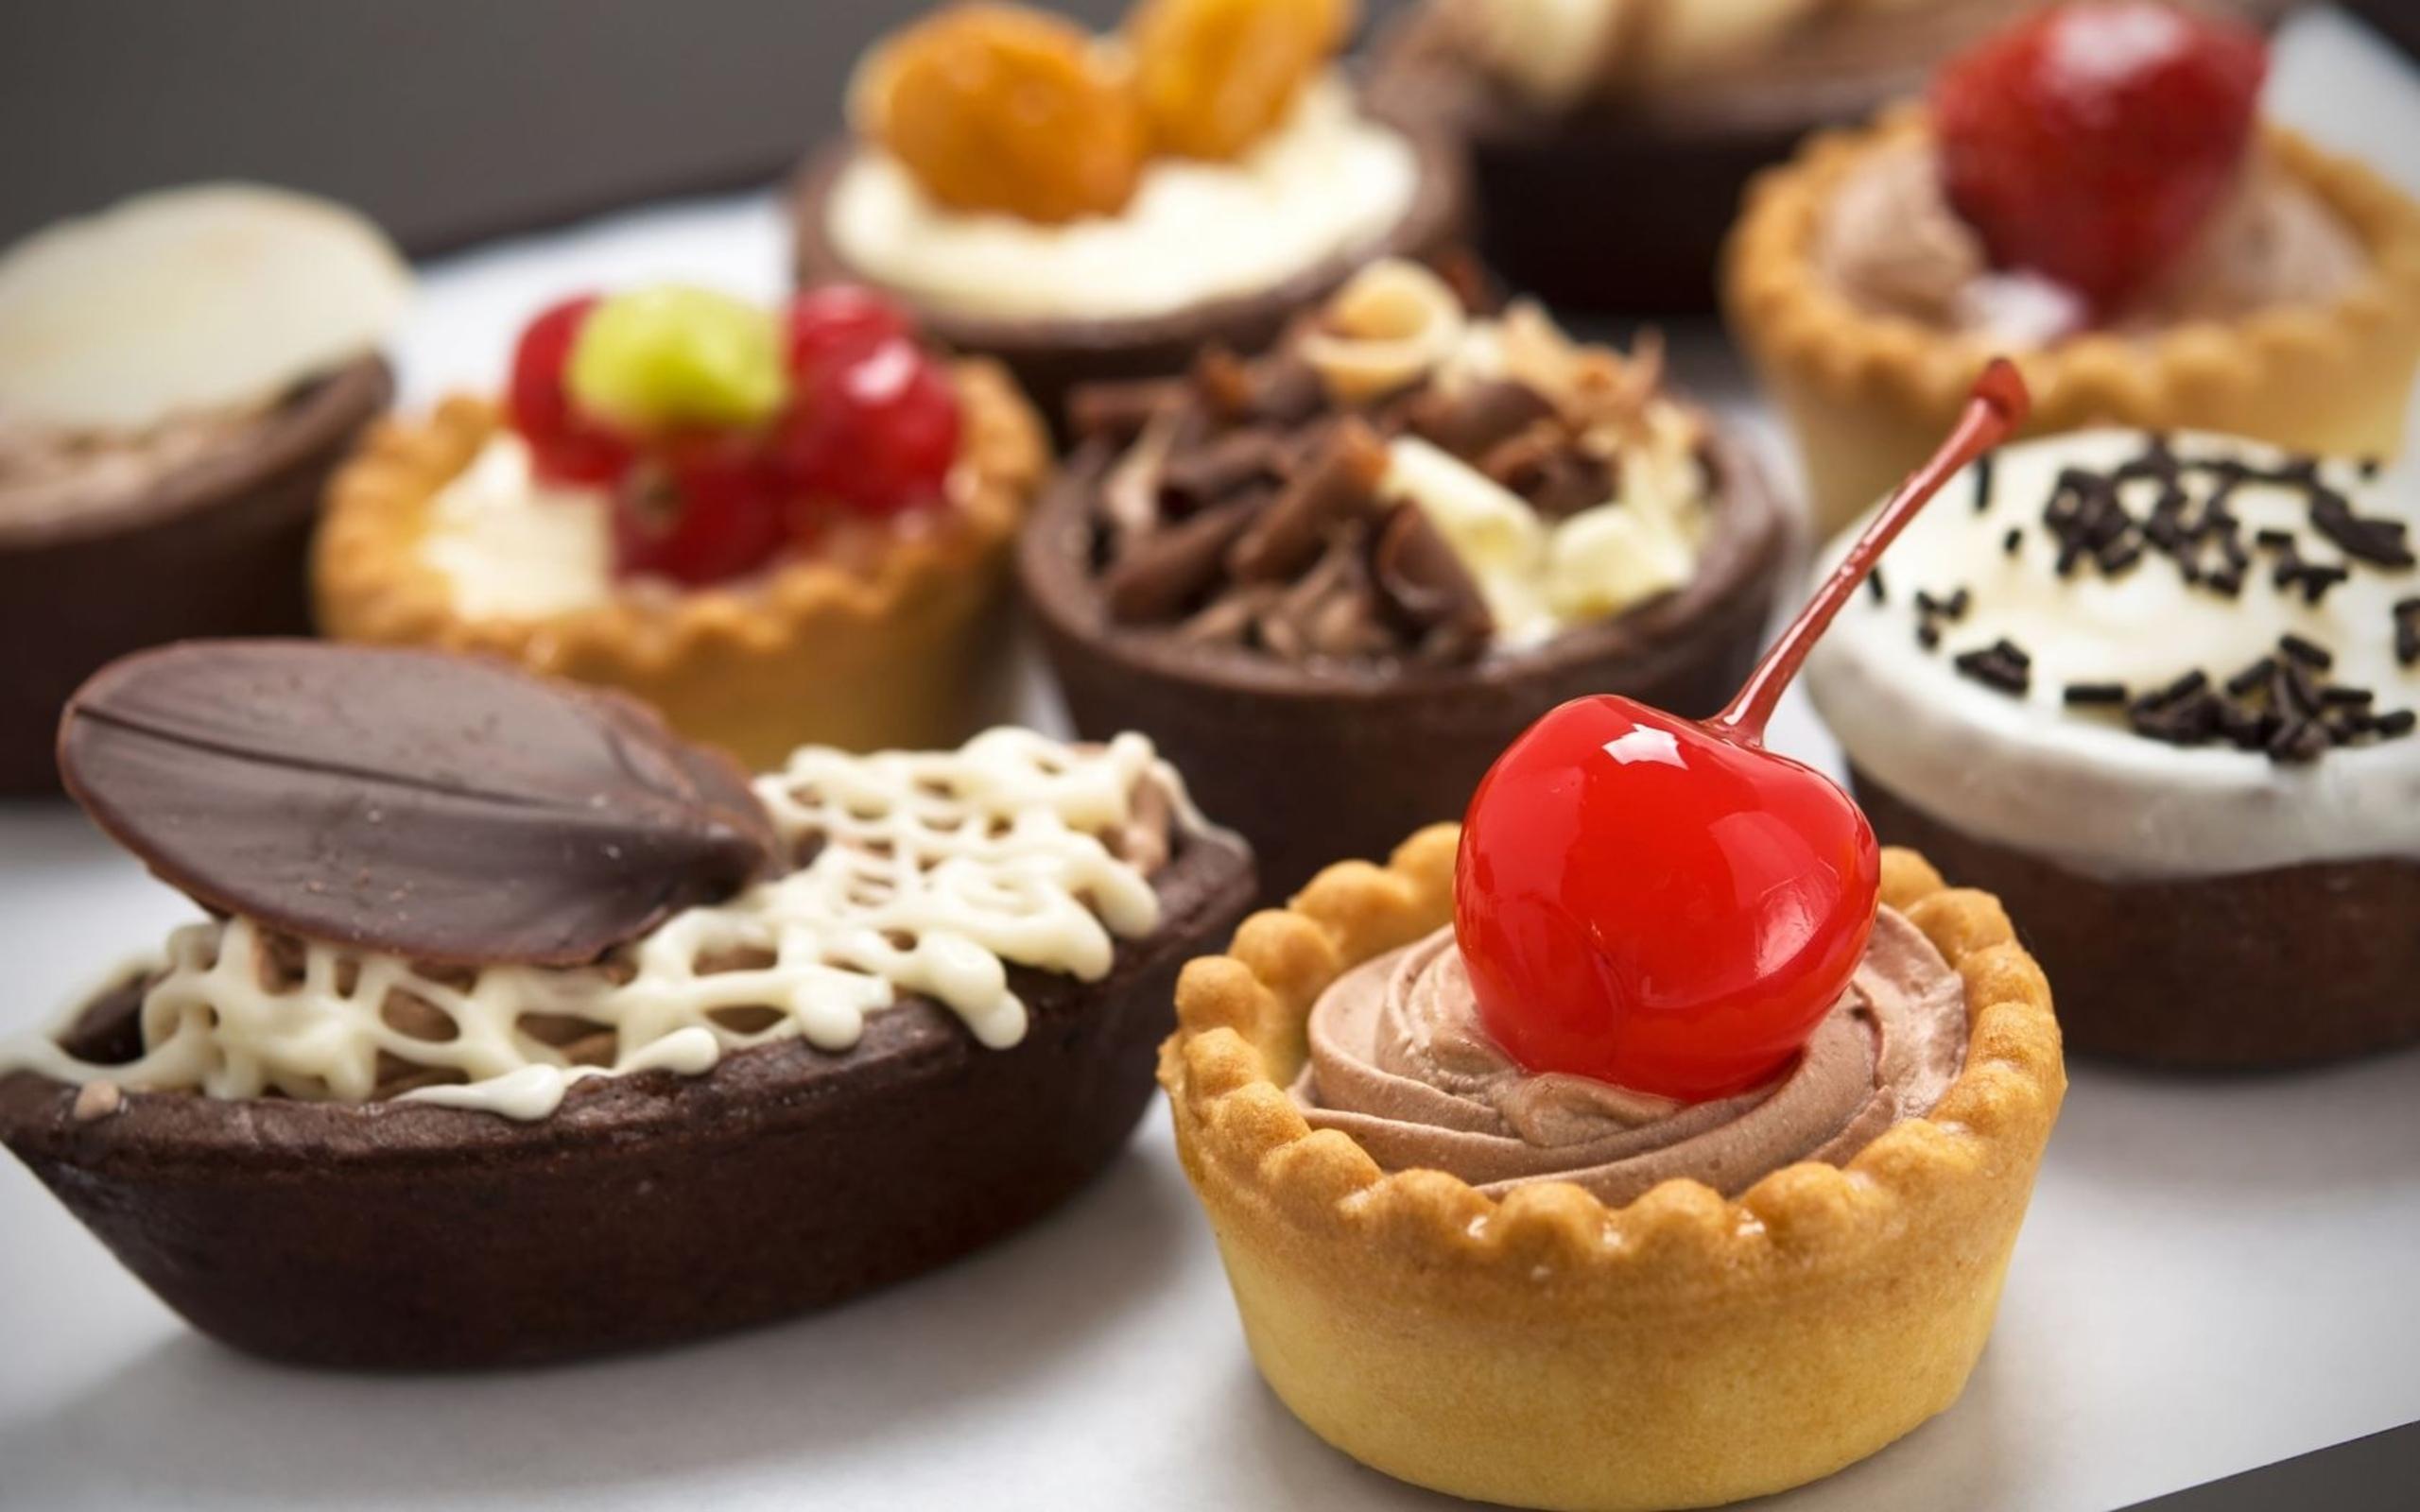 بالصور صور حلويات , احلي صور لحلويات شهية ولذيذة 6467